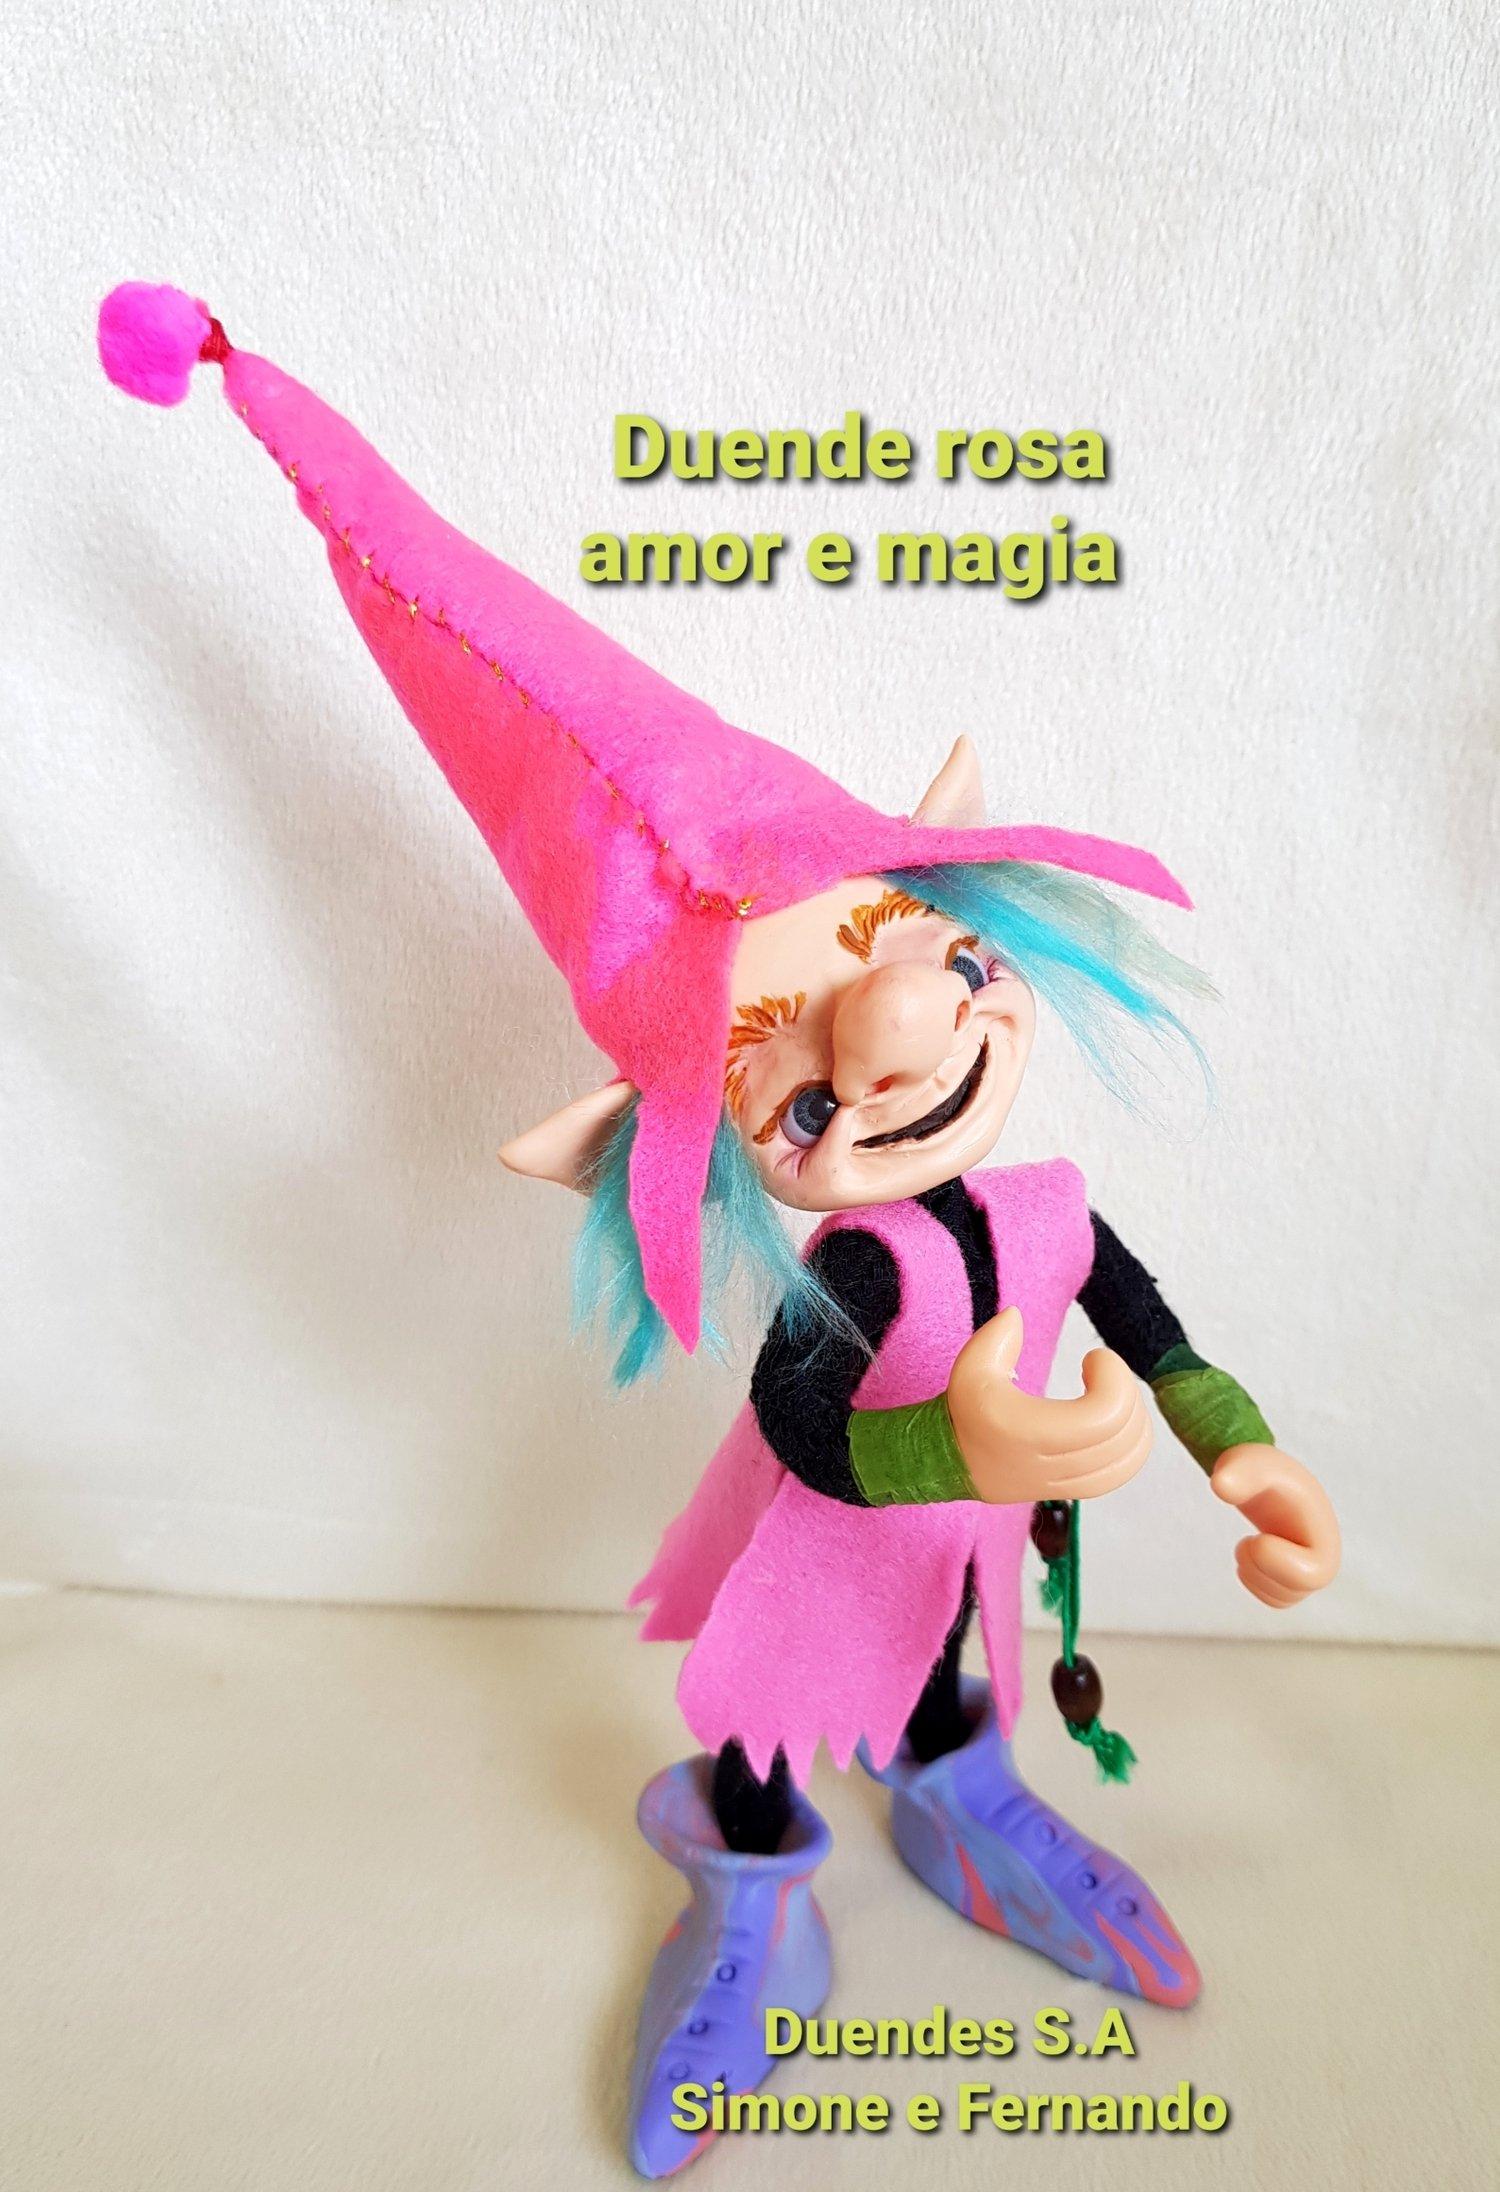 DUENDE MENINO  ARTICULADO/ ROSA, AMOR E MAGIA